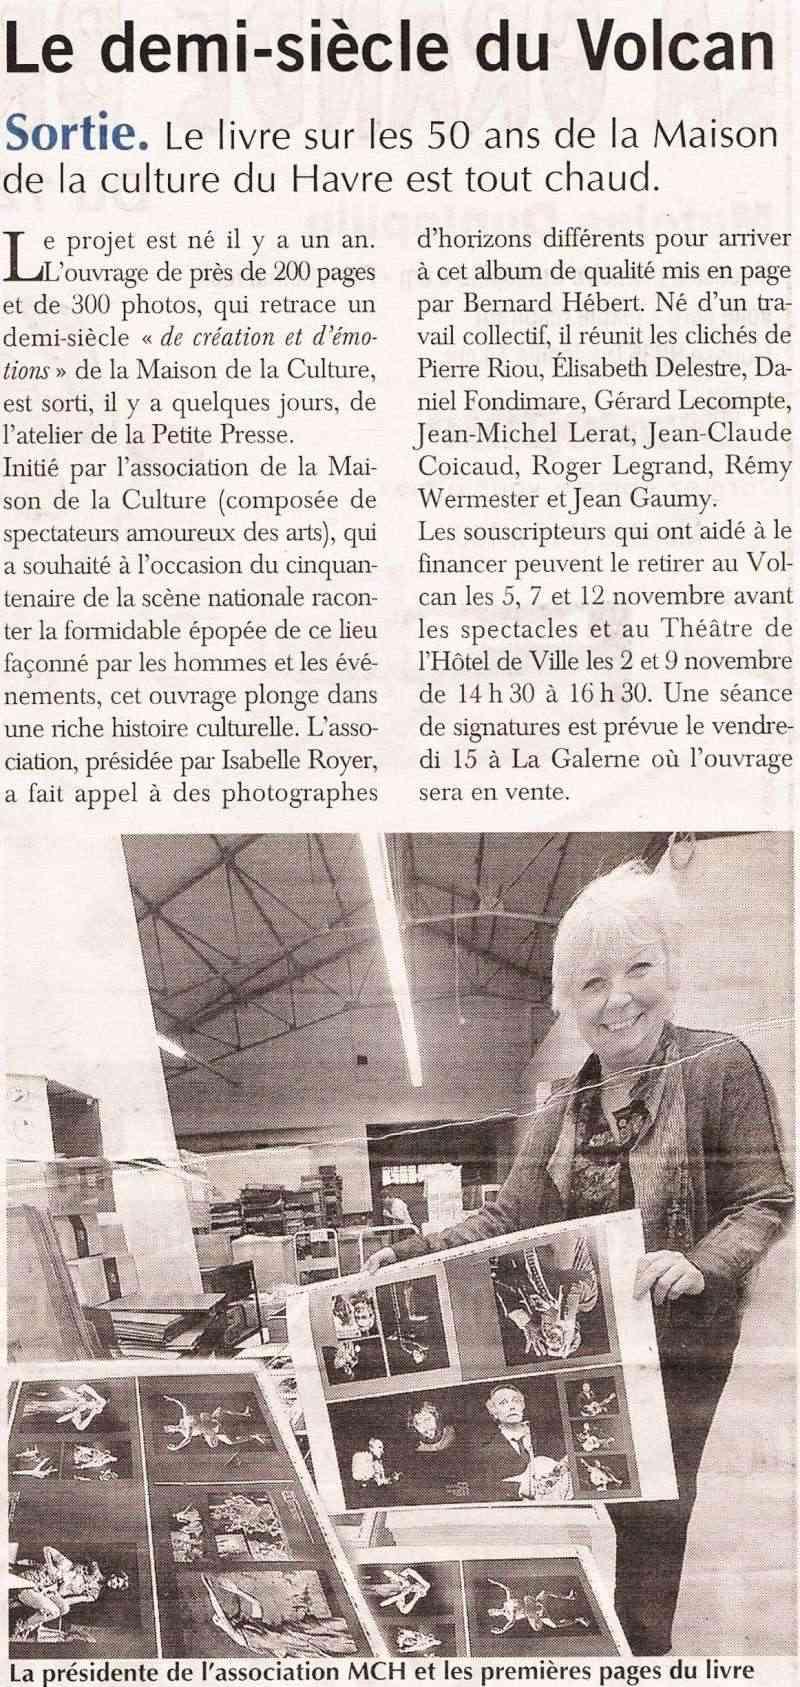 hebert - Le Havre - Le demi-siècle du Volcan 2013-115